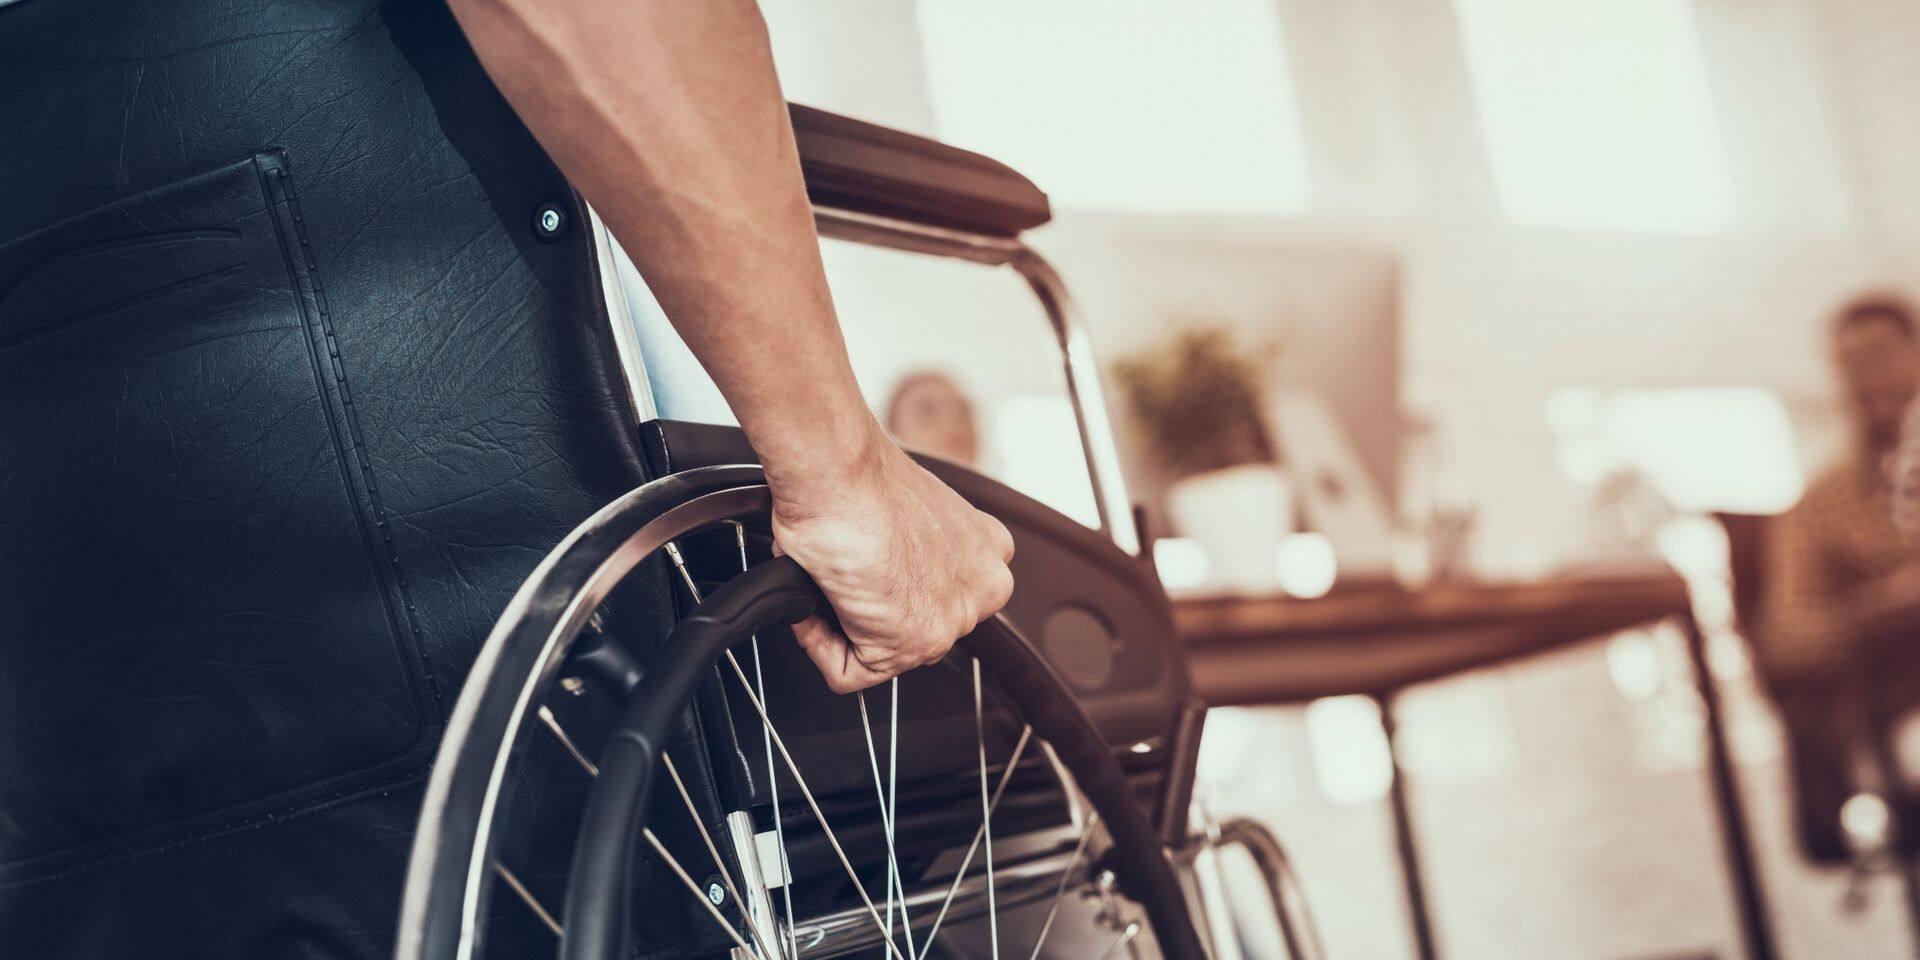 Le nombre d'inactifs invalides en Belgique surpasse de loin la moyenne européenne